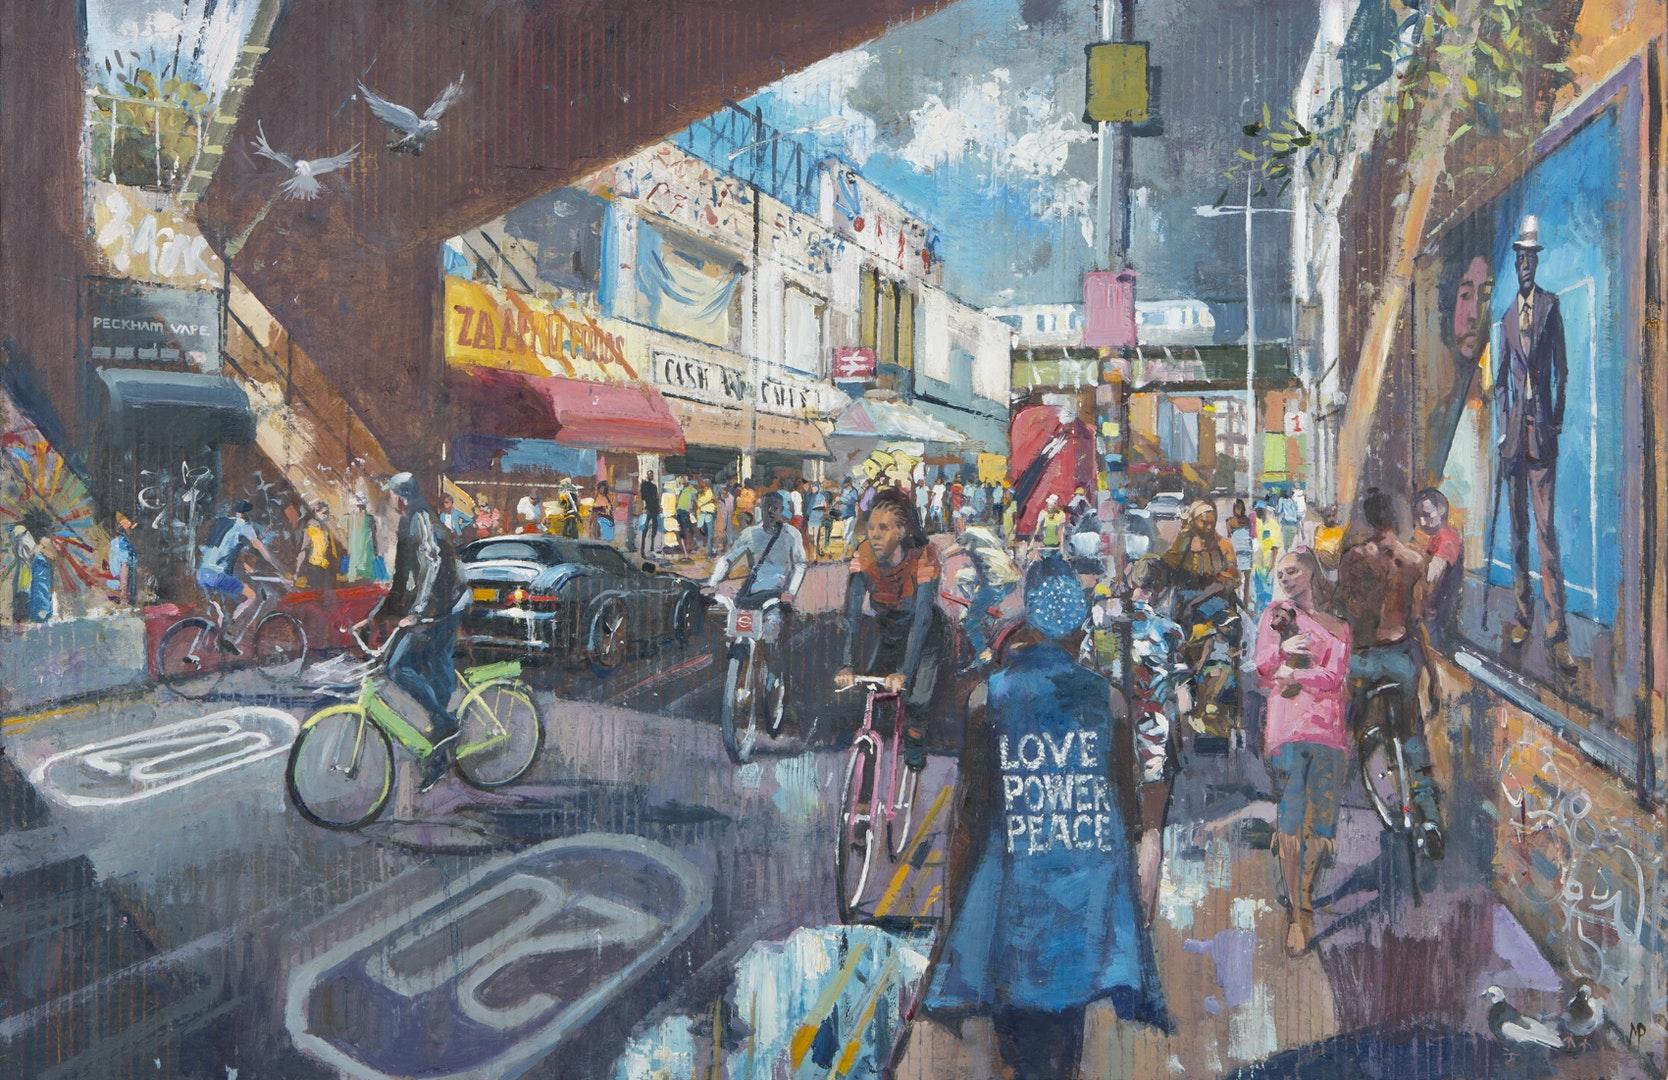 Love Power Peace', Mark Pearson, Oil on resin-treated cardboard, 64 x 94 cm